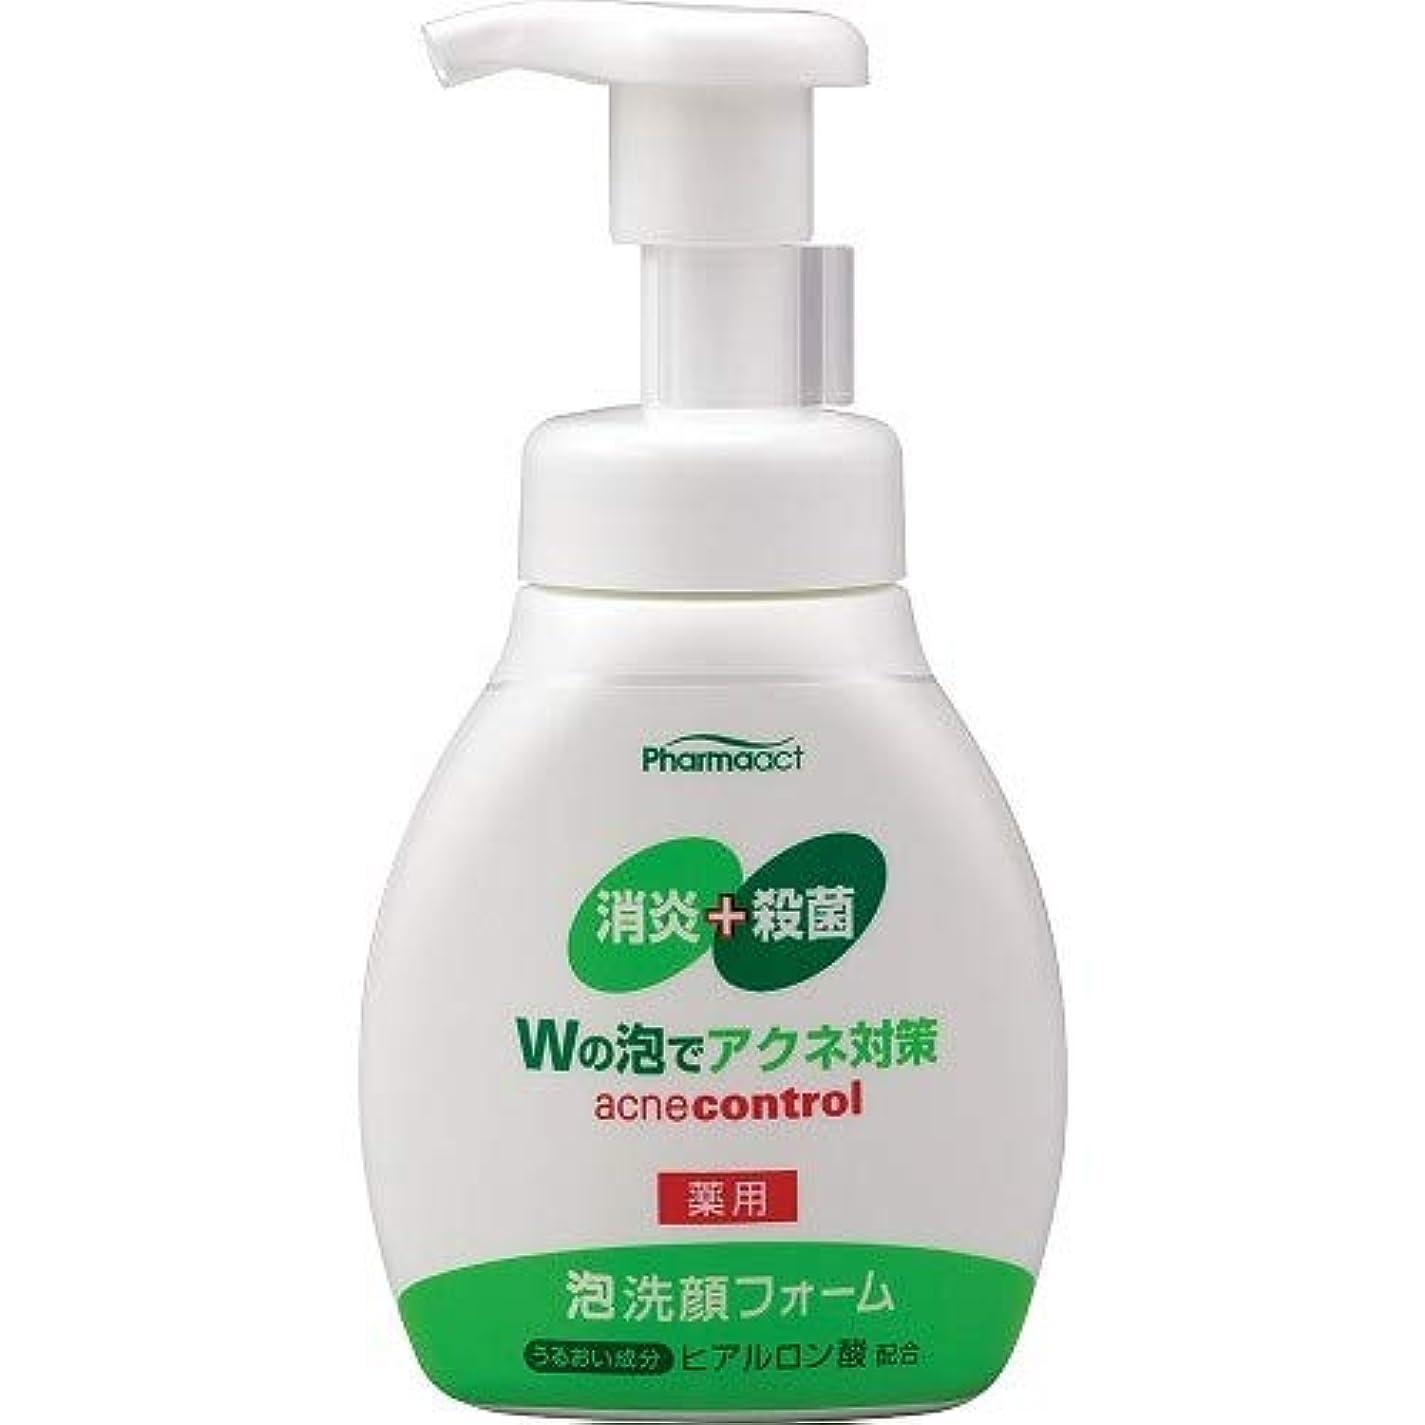 世紀正確に入り口ファーマアクト アクネ対策 薬用 泡洗顔フォーム 180ml